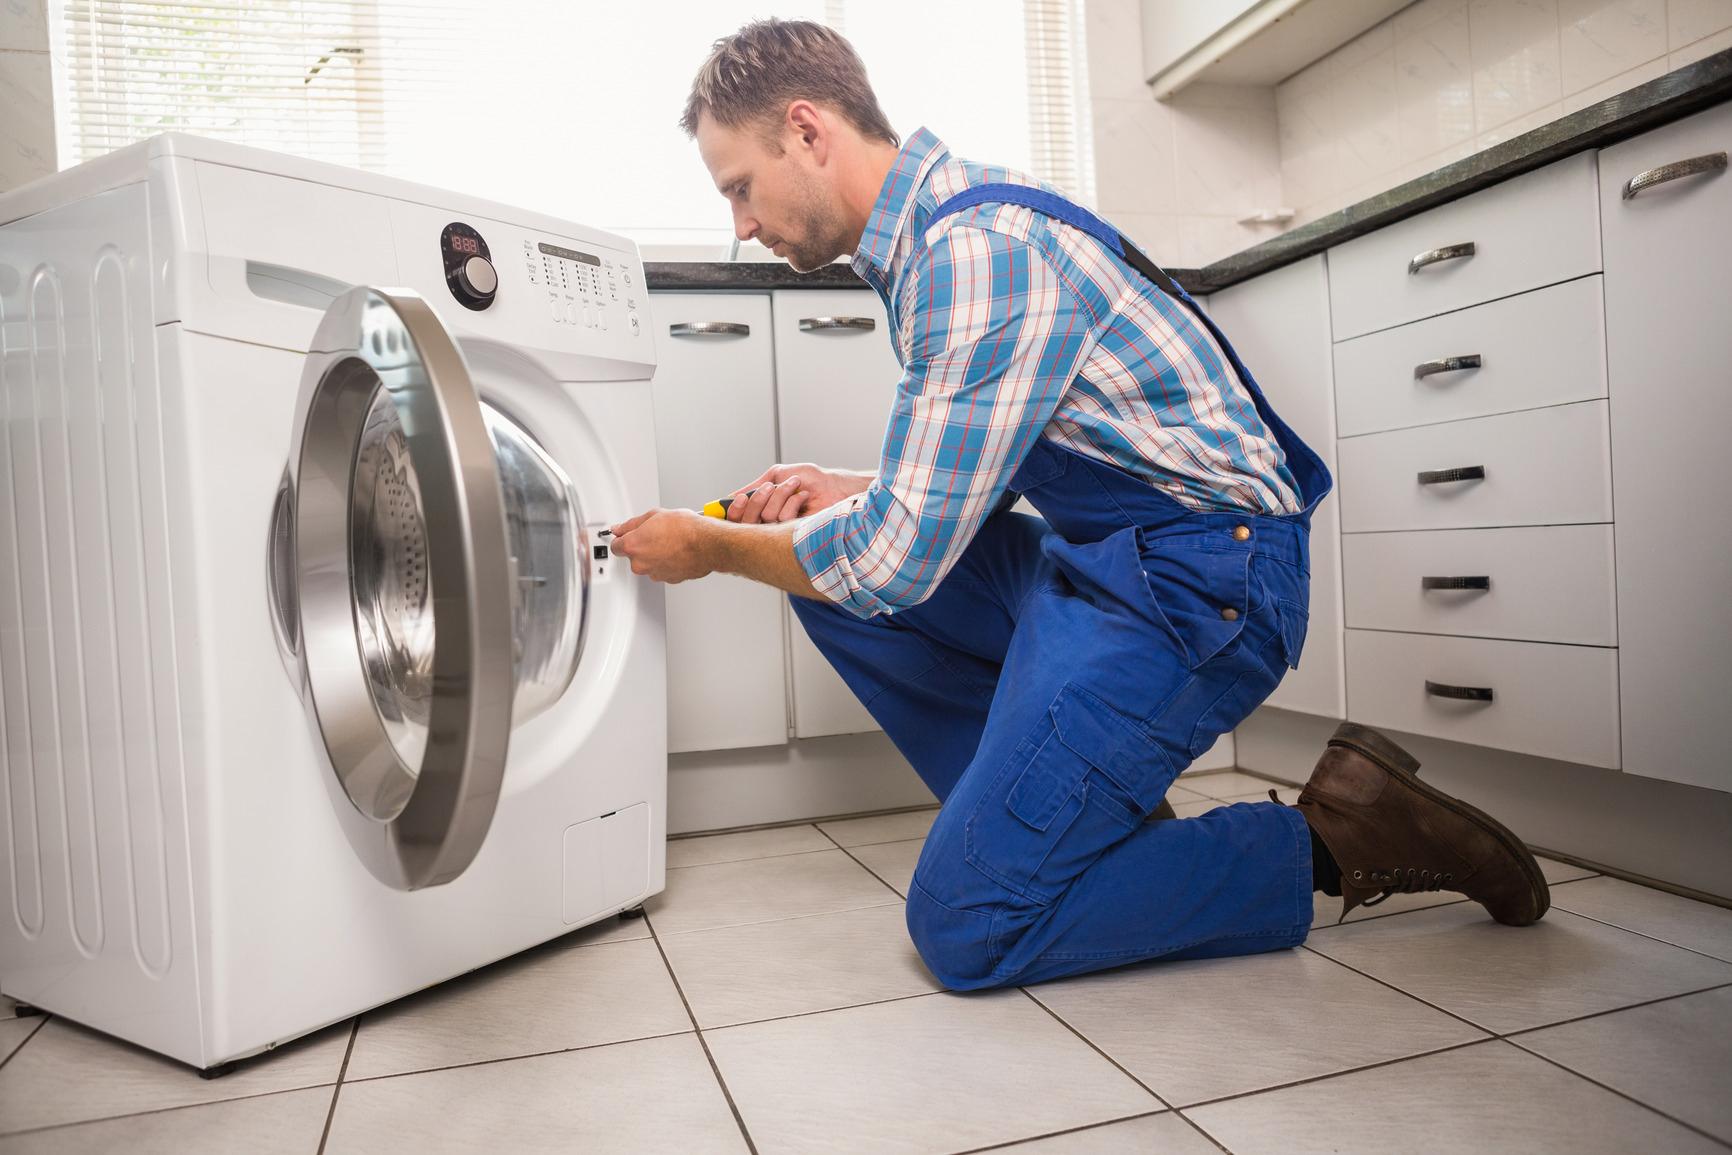 Обслуживание стиральных машин bosch 1-й Суворовский переулок обслуживание стиральных машин bosch Переулок Сивцев Вражек